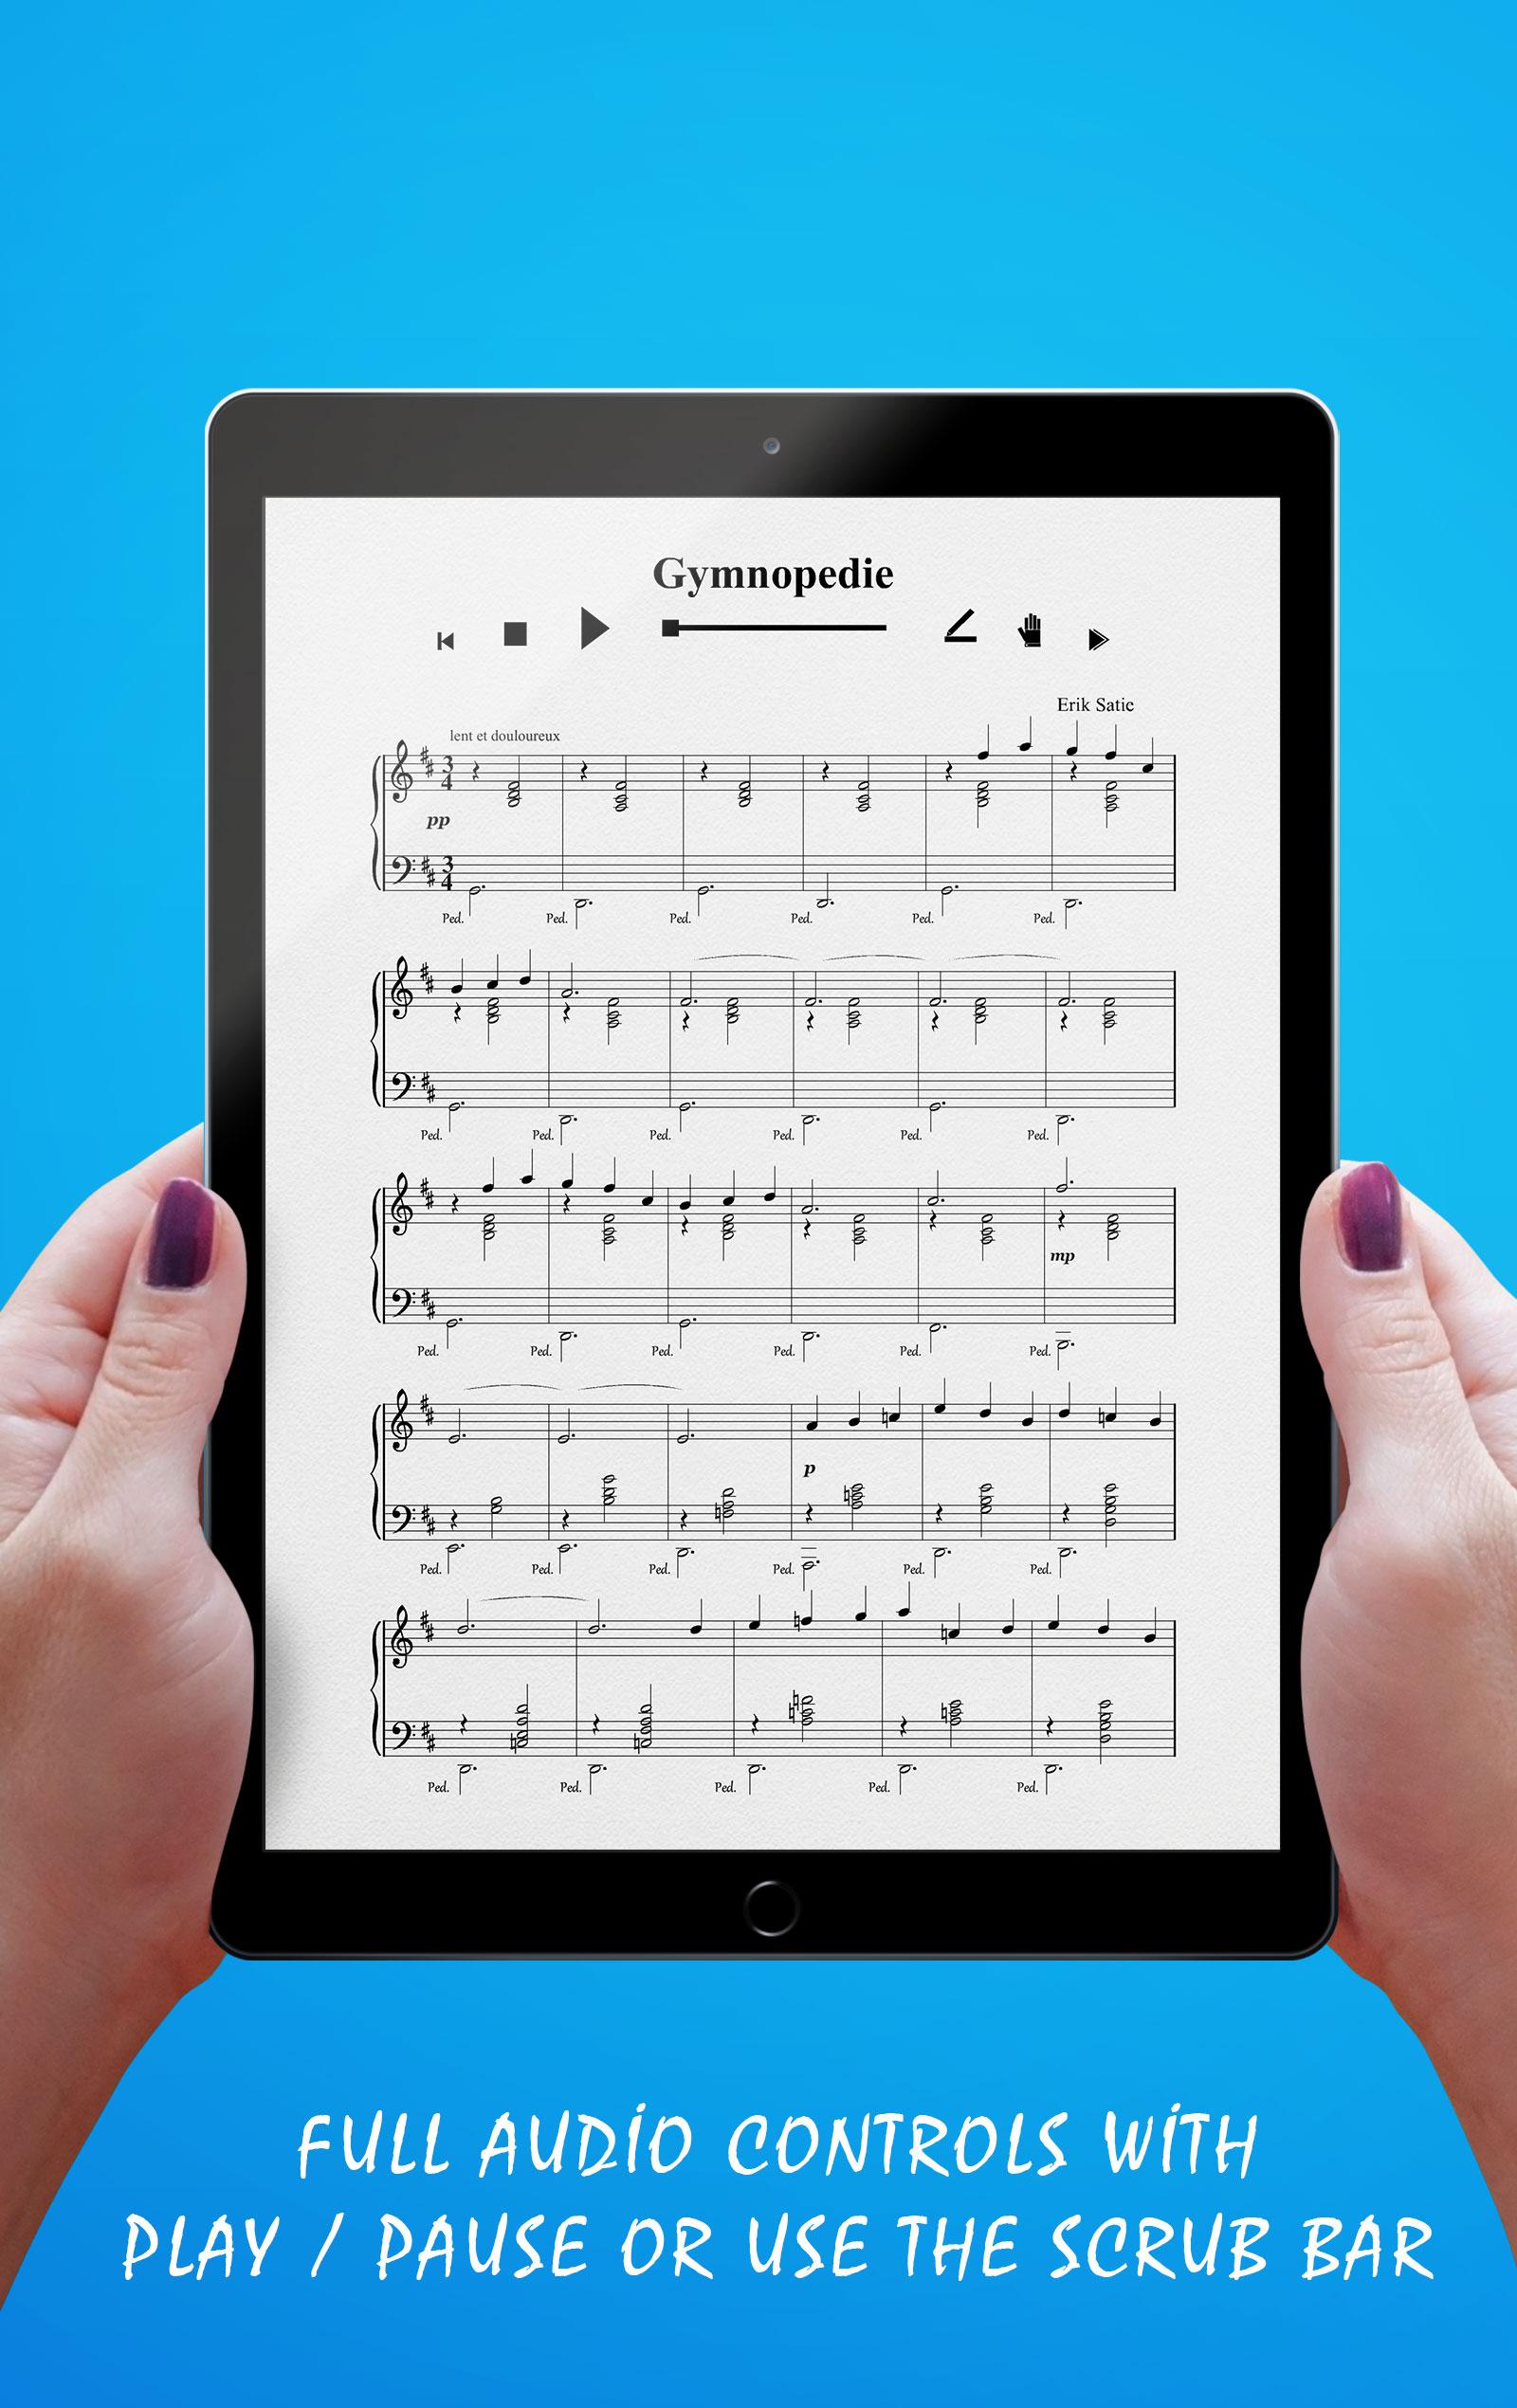 Gymnopedie No 1 Audio Controls